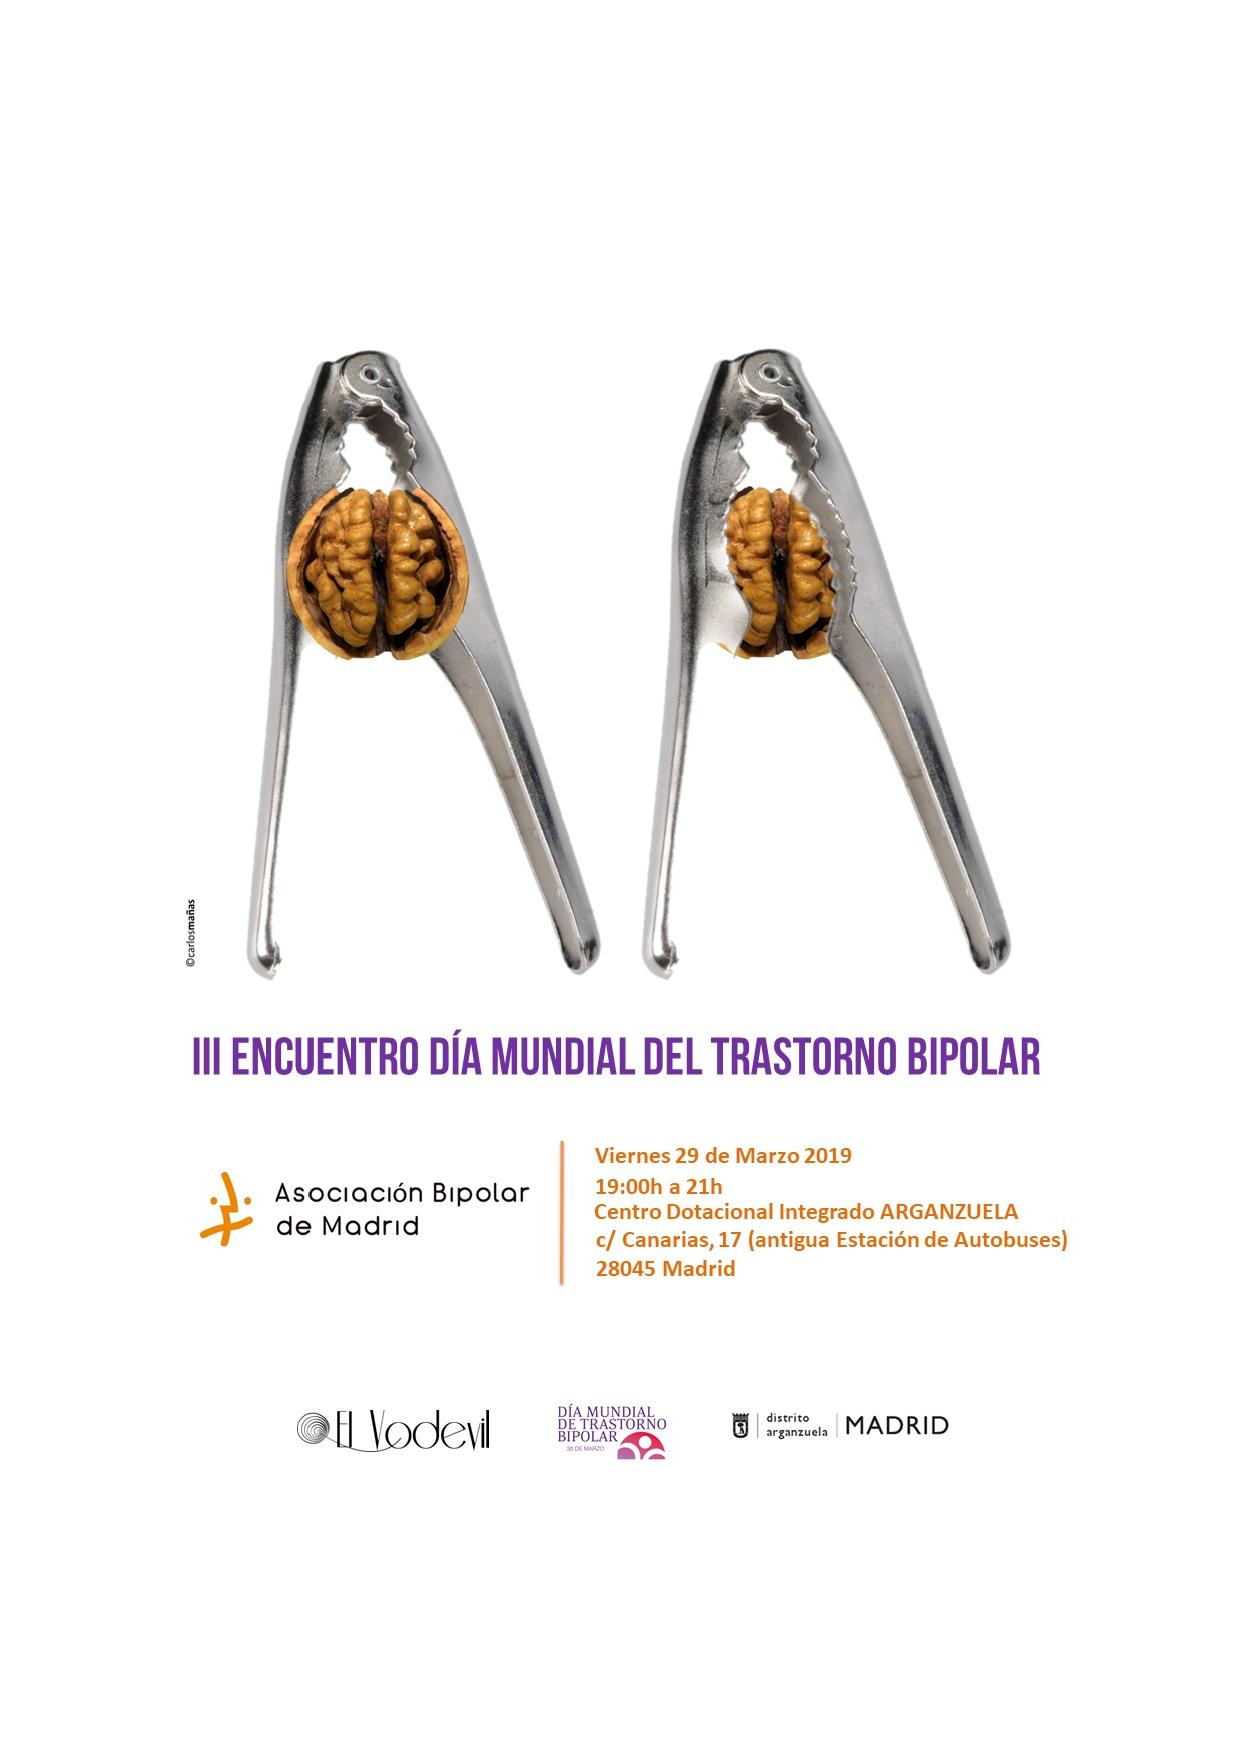 III Encuentro del Día Mundial del Trastorno Bipolar